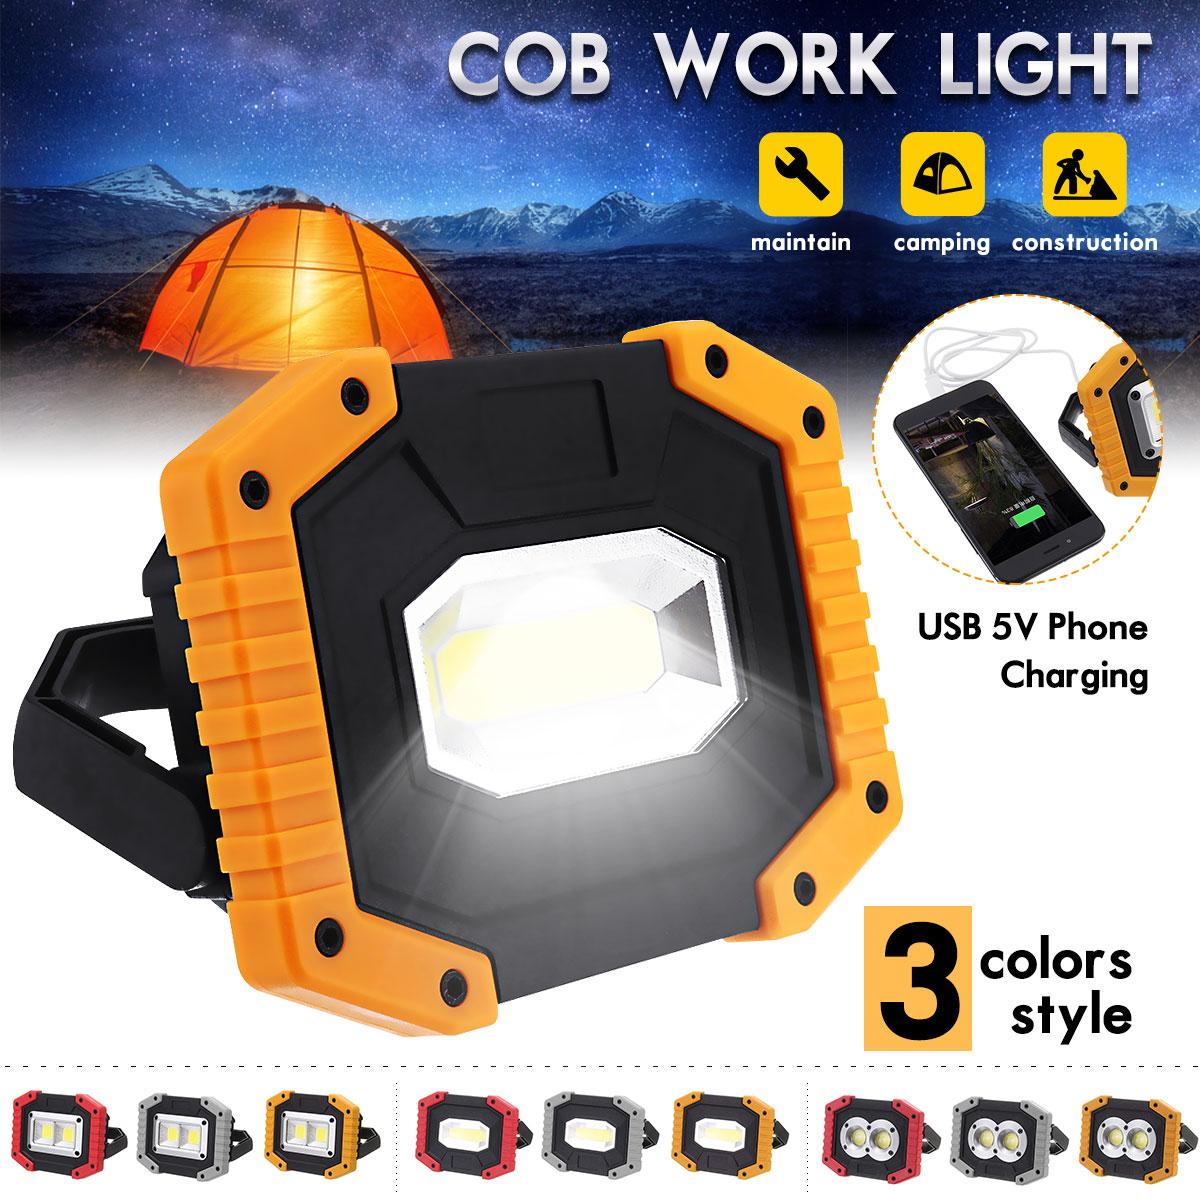 30 watt COB LED Wiederaufladbare Arbeit Licht Notfall Lampe Hand Taschenlampe Camping Zelt Laterne USB Lade Tragbare Power Bank Suchscheinwerfer